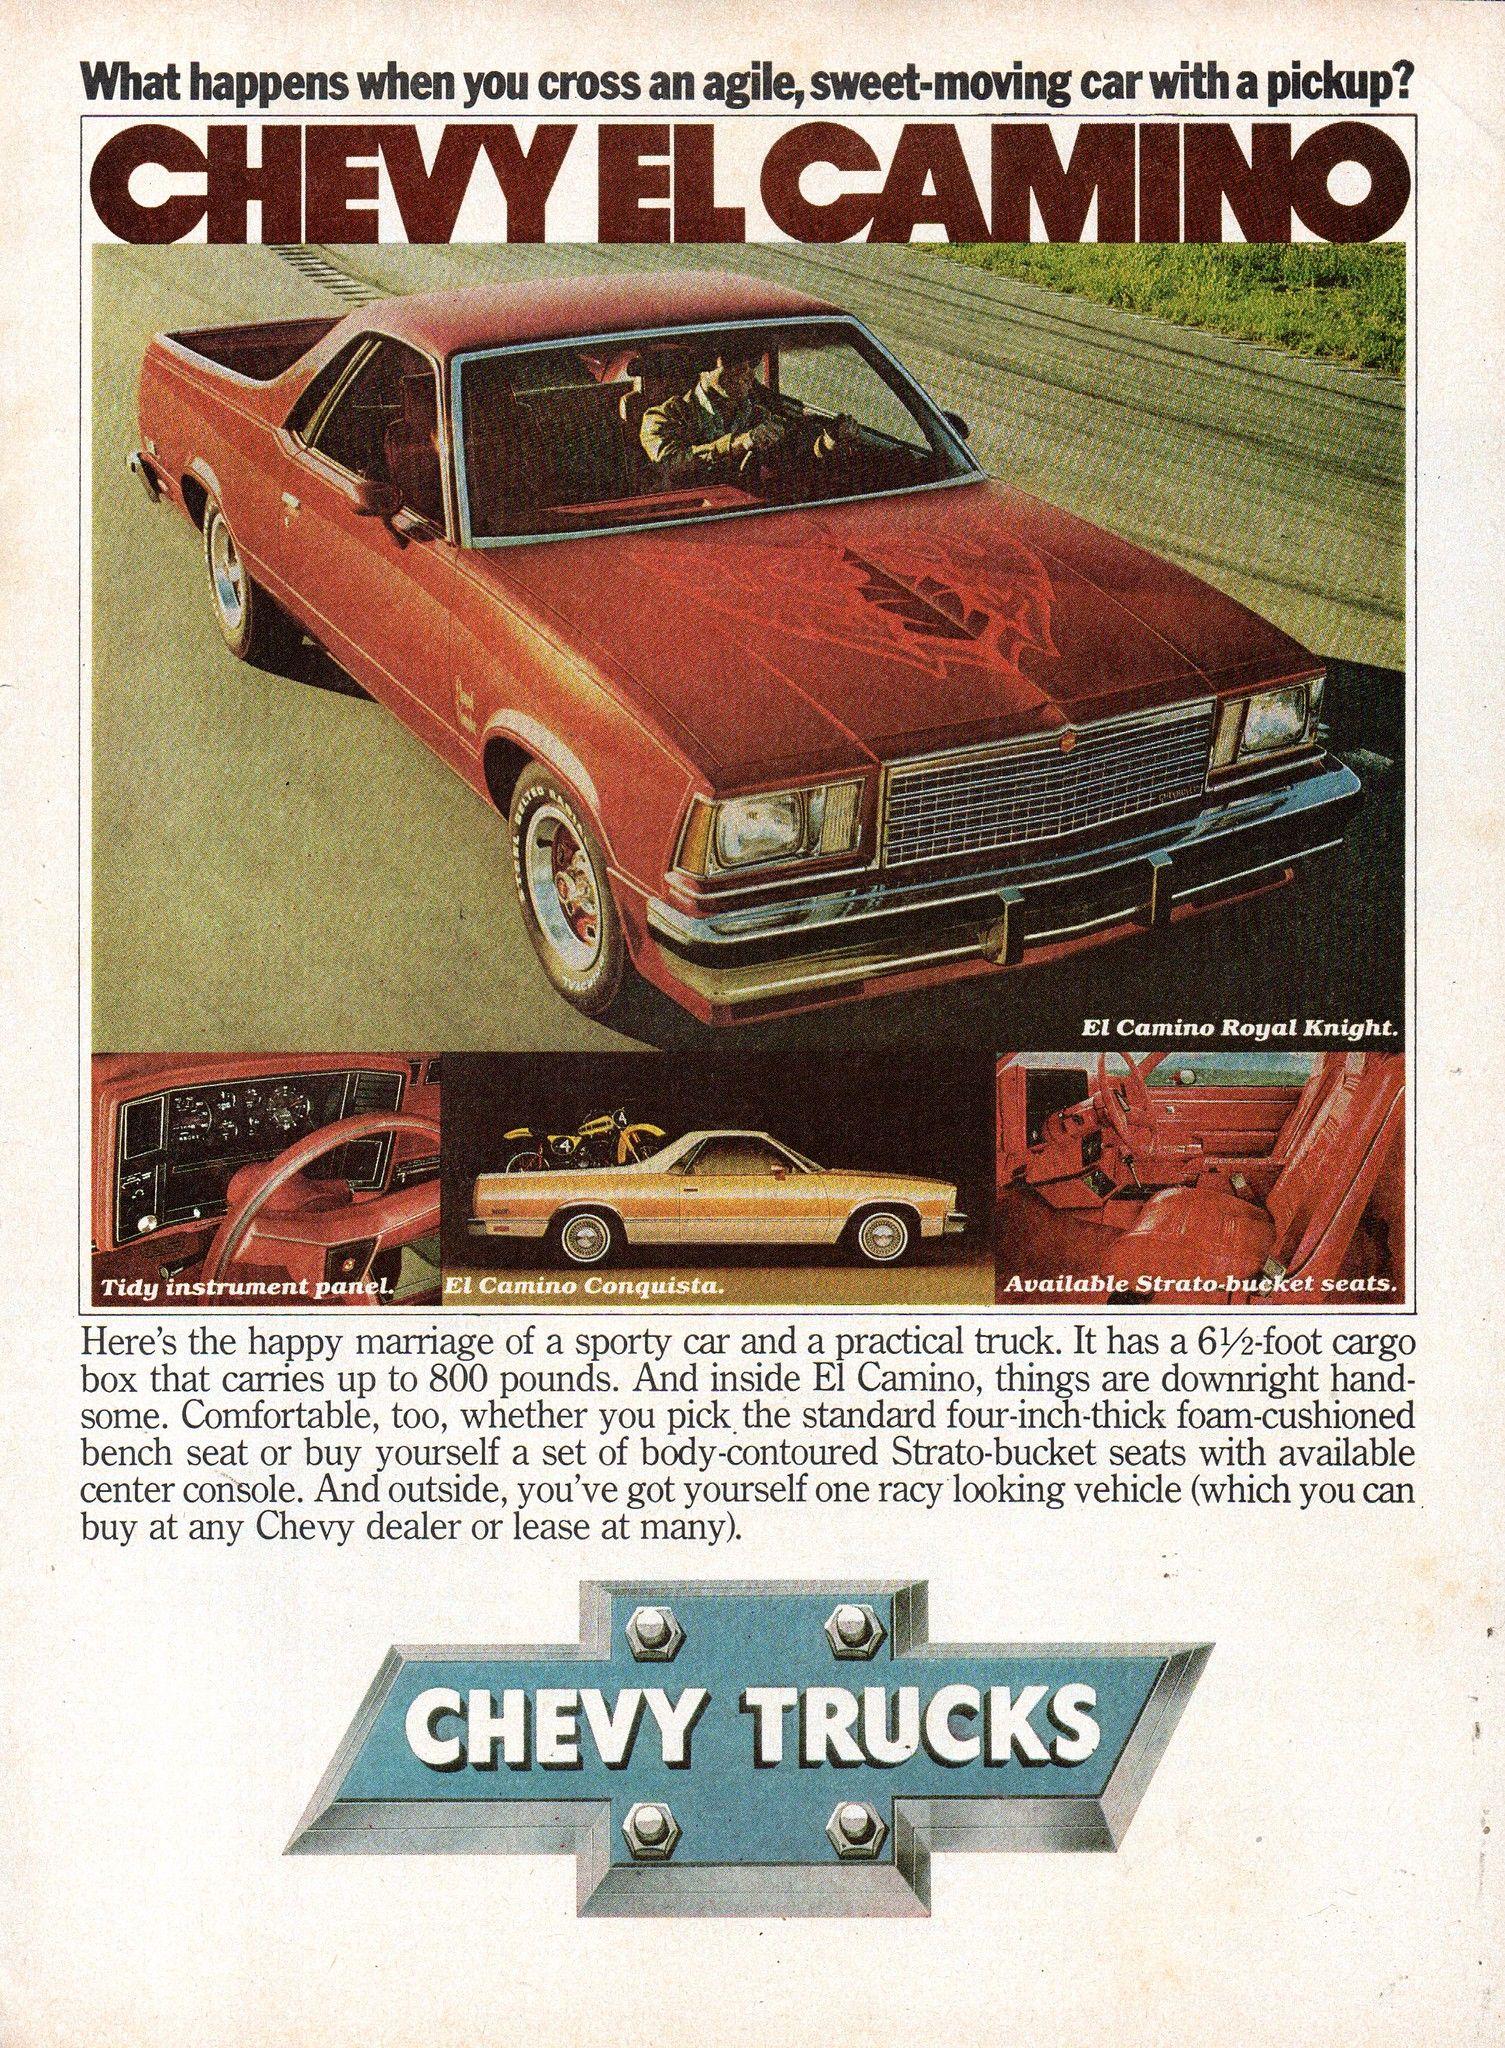 1979 Chevrolet Chevy El Camino Regal Knight Conquista Utility